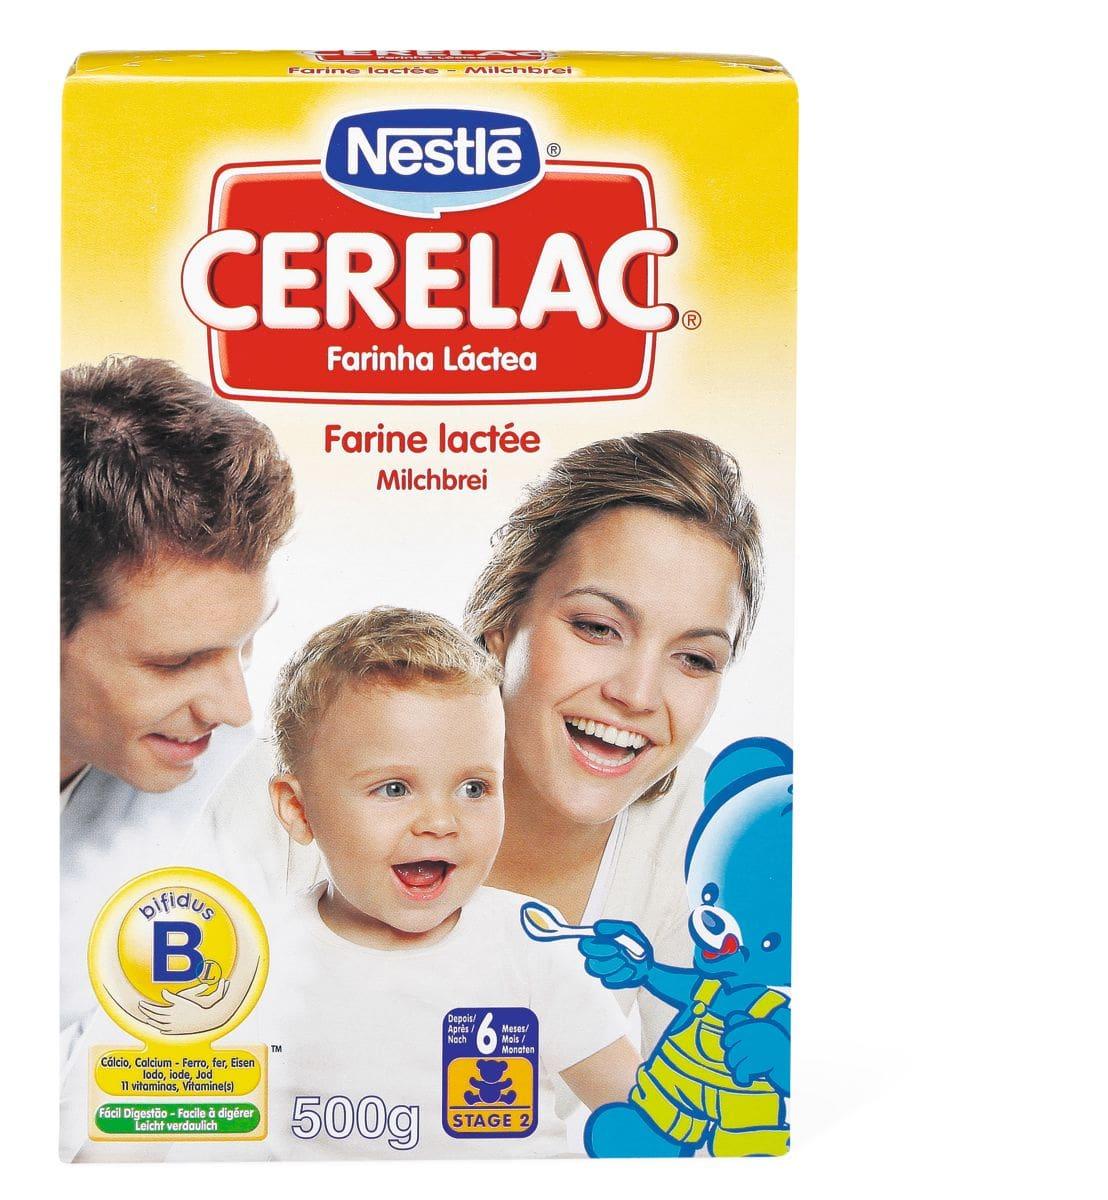 Nestlé Cerelac